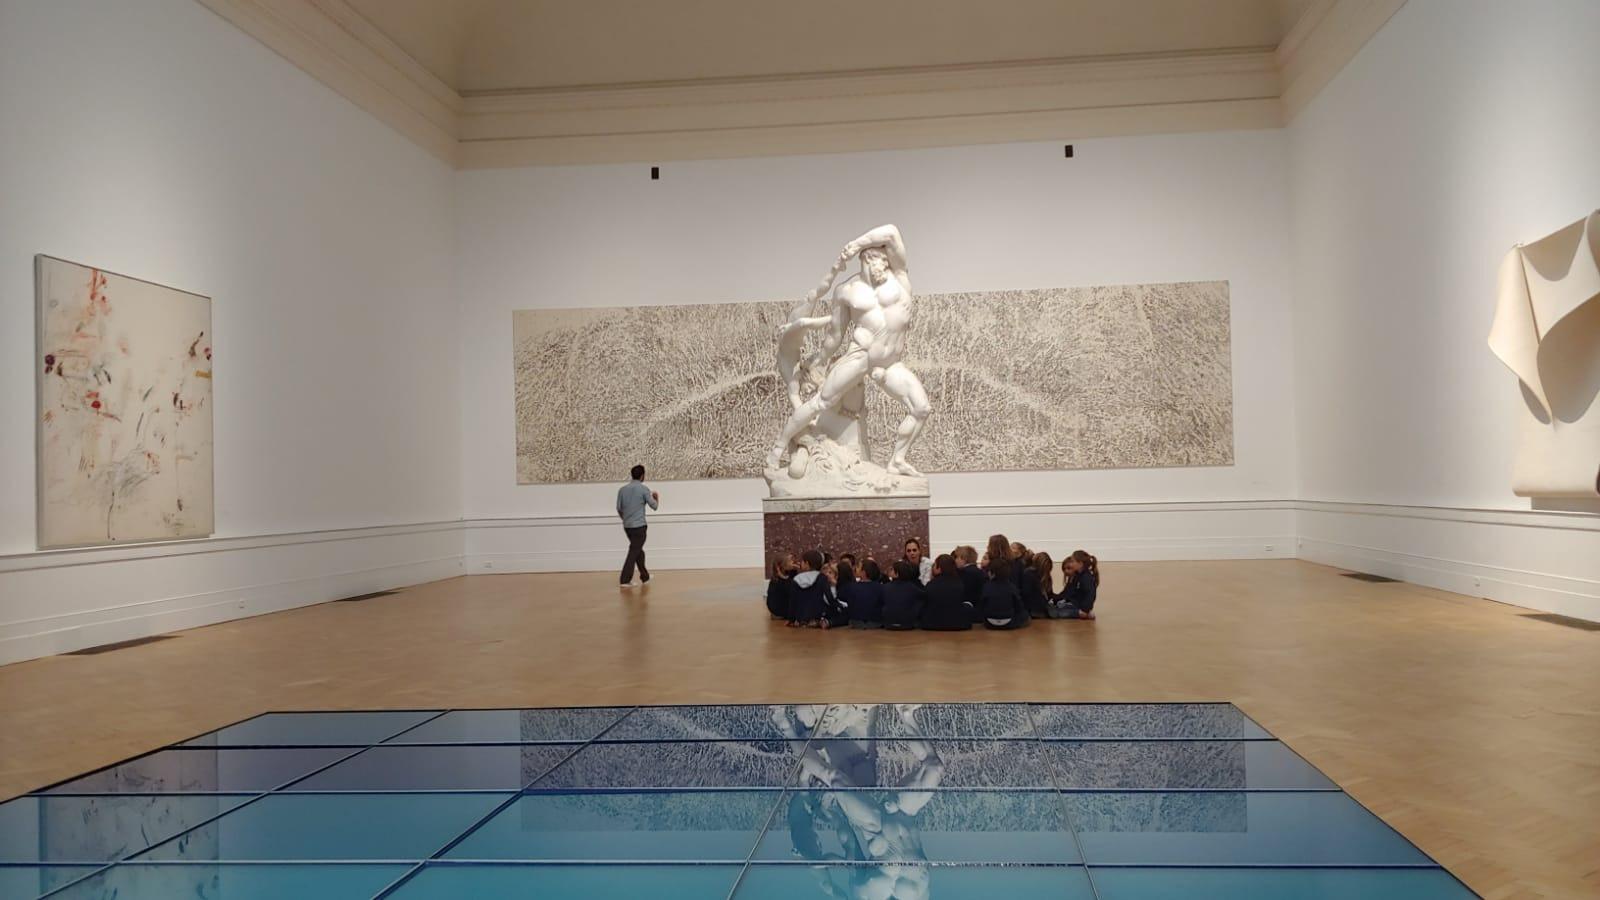 Galleria-Nazionale-d'Arte-Moderna-Gnam-Arte-e-Bellezza-Osservazione-Guidata-Pittura-Astratta